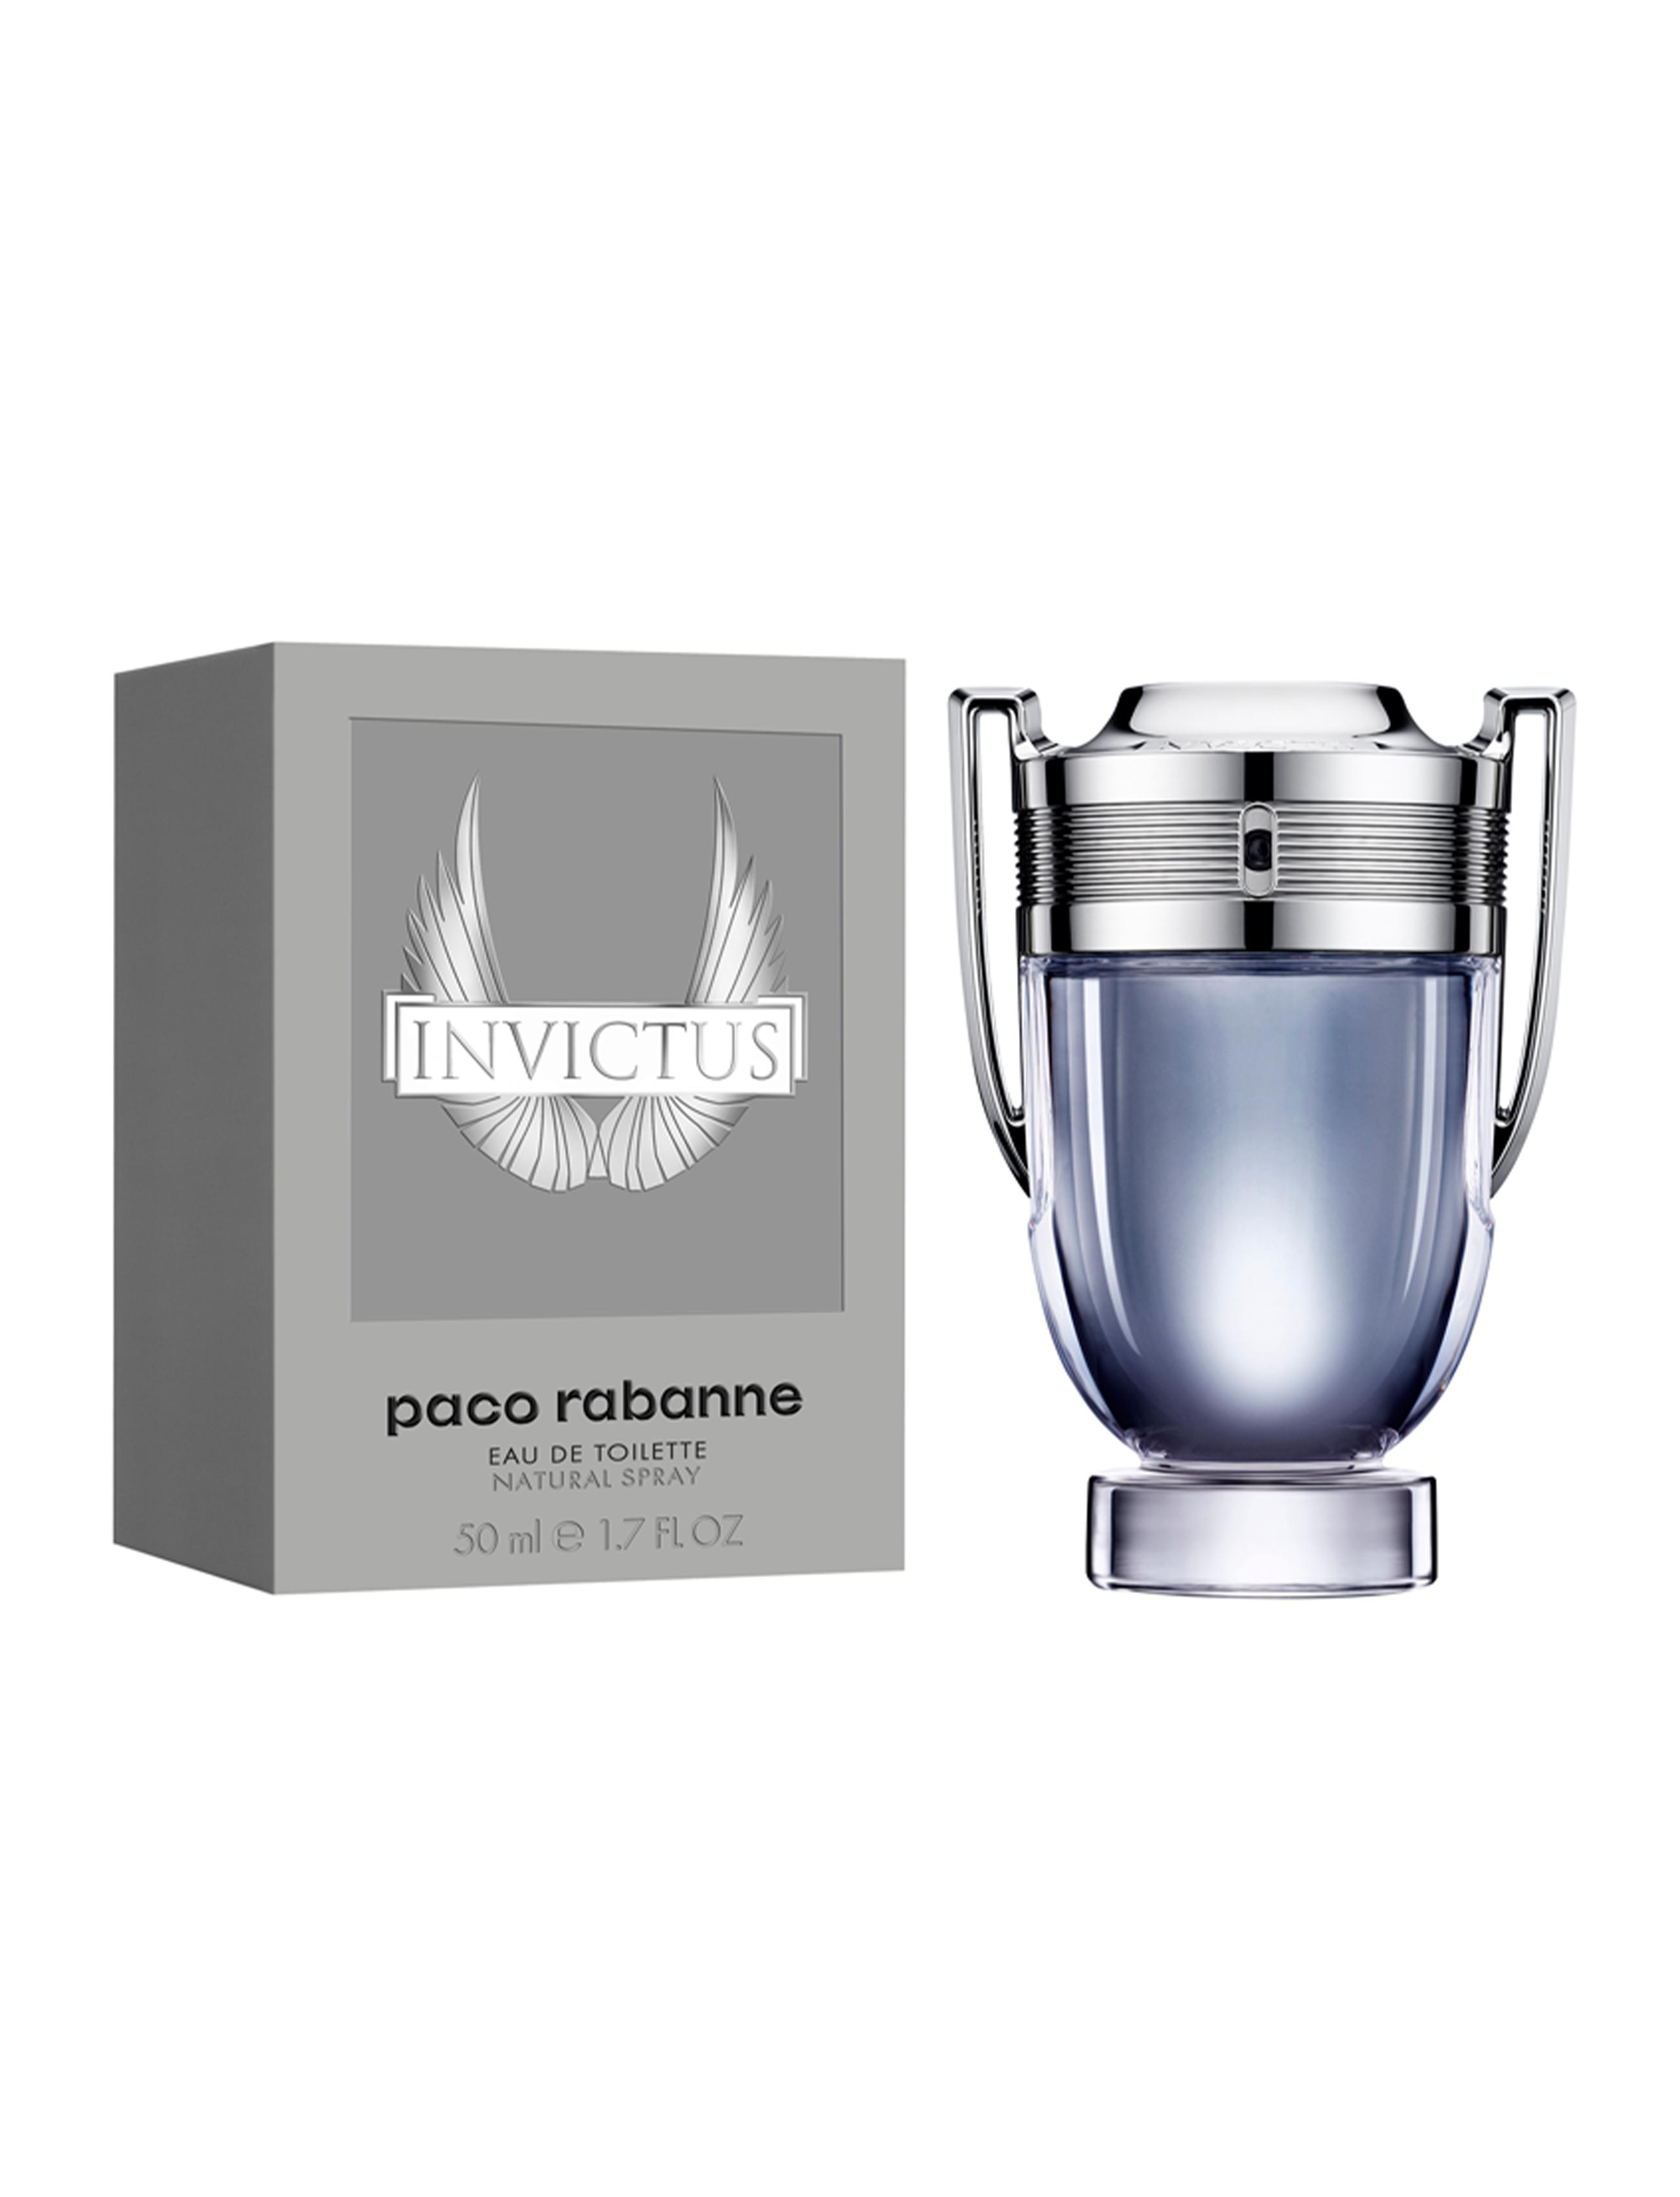 Paco Rabanne Invictus EDT, 50 ml